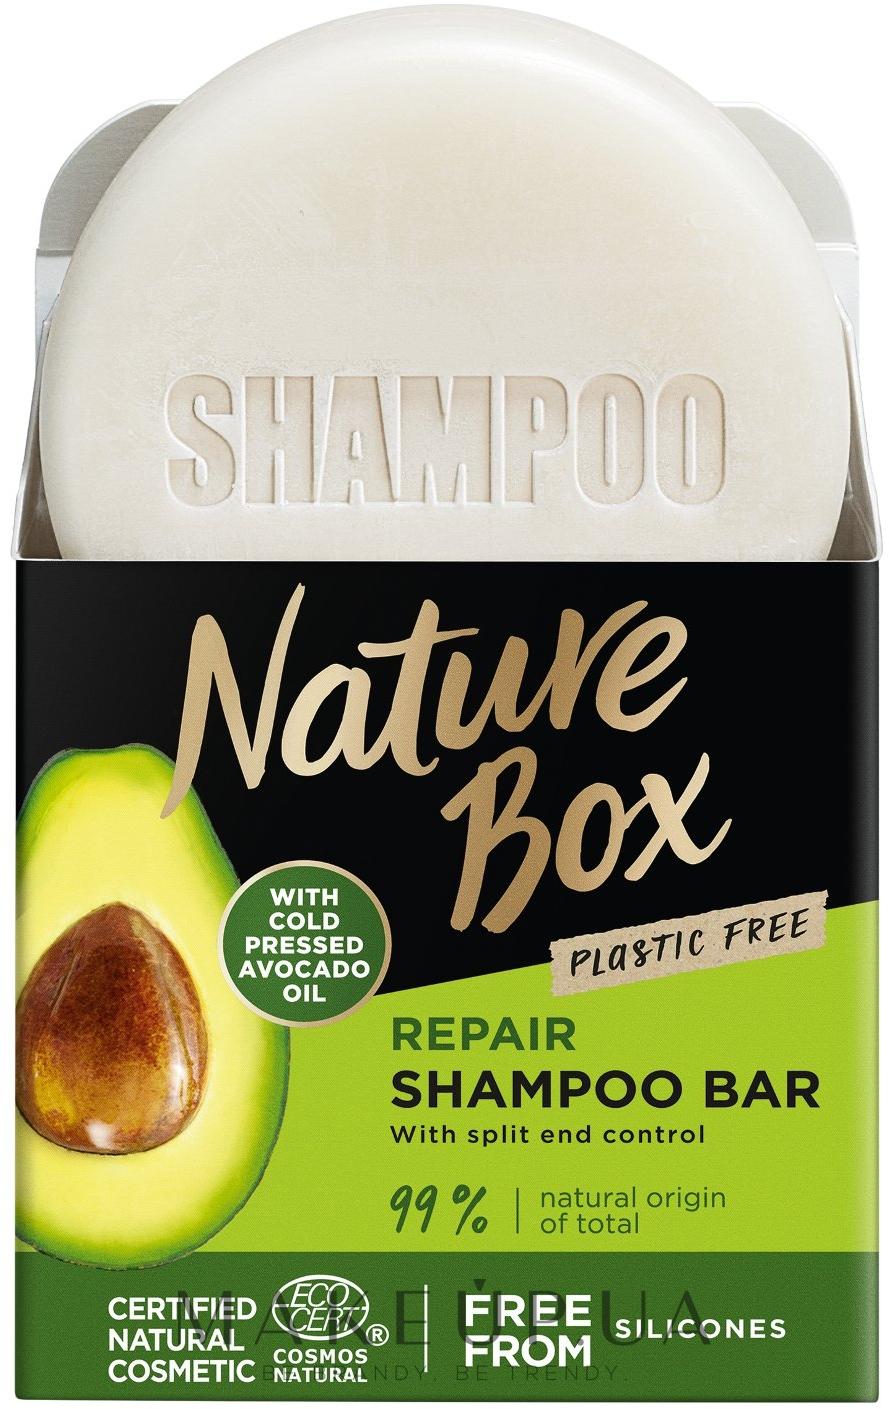 Твердый шампунь для восстановления волос с маслом авокадо холодного отжима - Nature Box Nourishment Vegan Shampoo Bar With Cold Pressed Avocado Oil — фото 85g